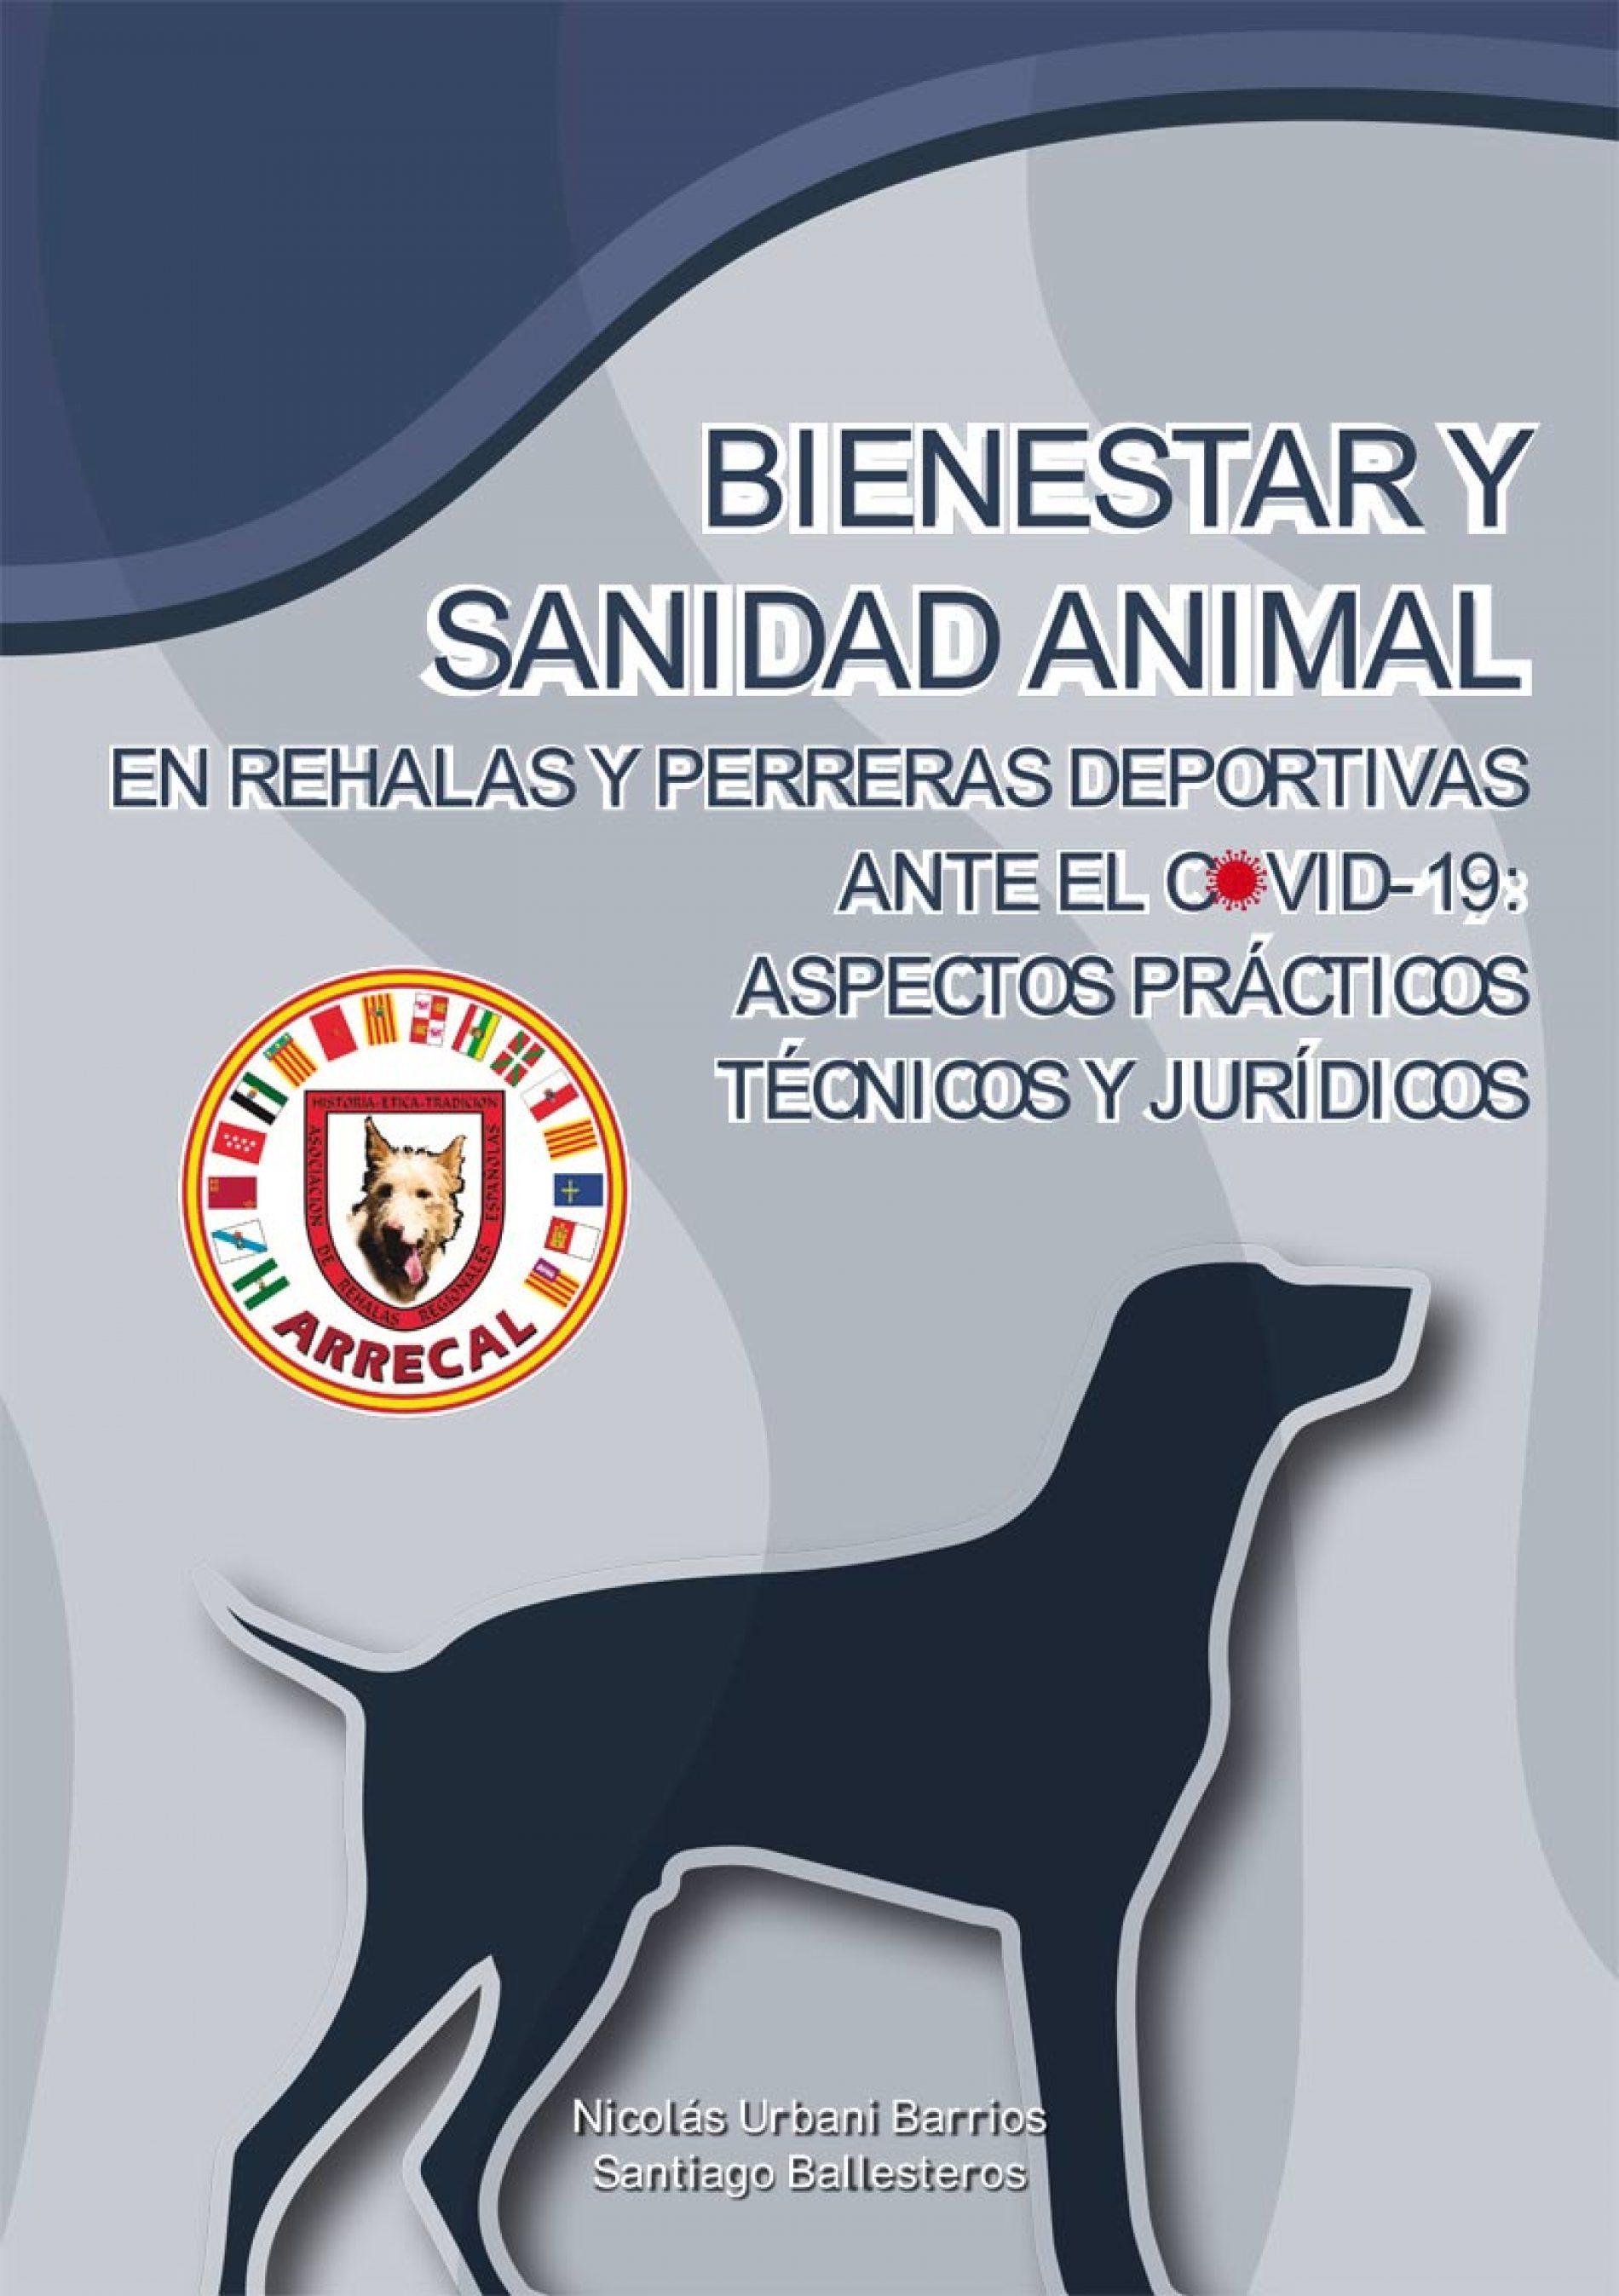 Guía de Bienestar y Sanidad animal en Rehalas y Perreras deportivas ante el Covid-19